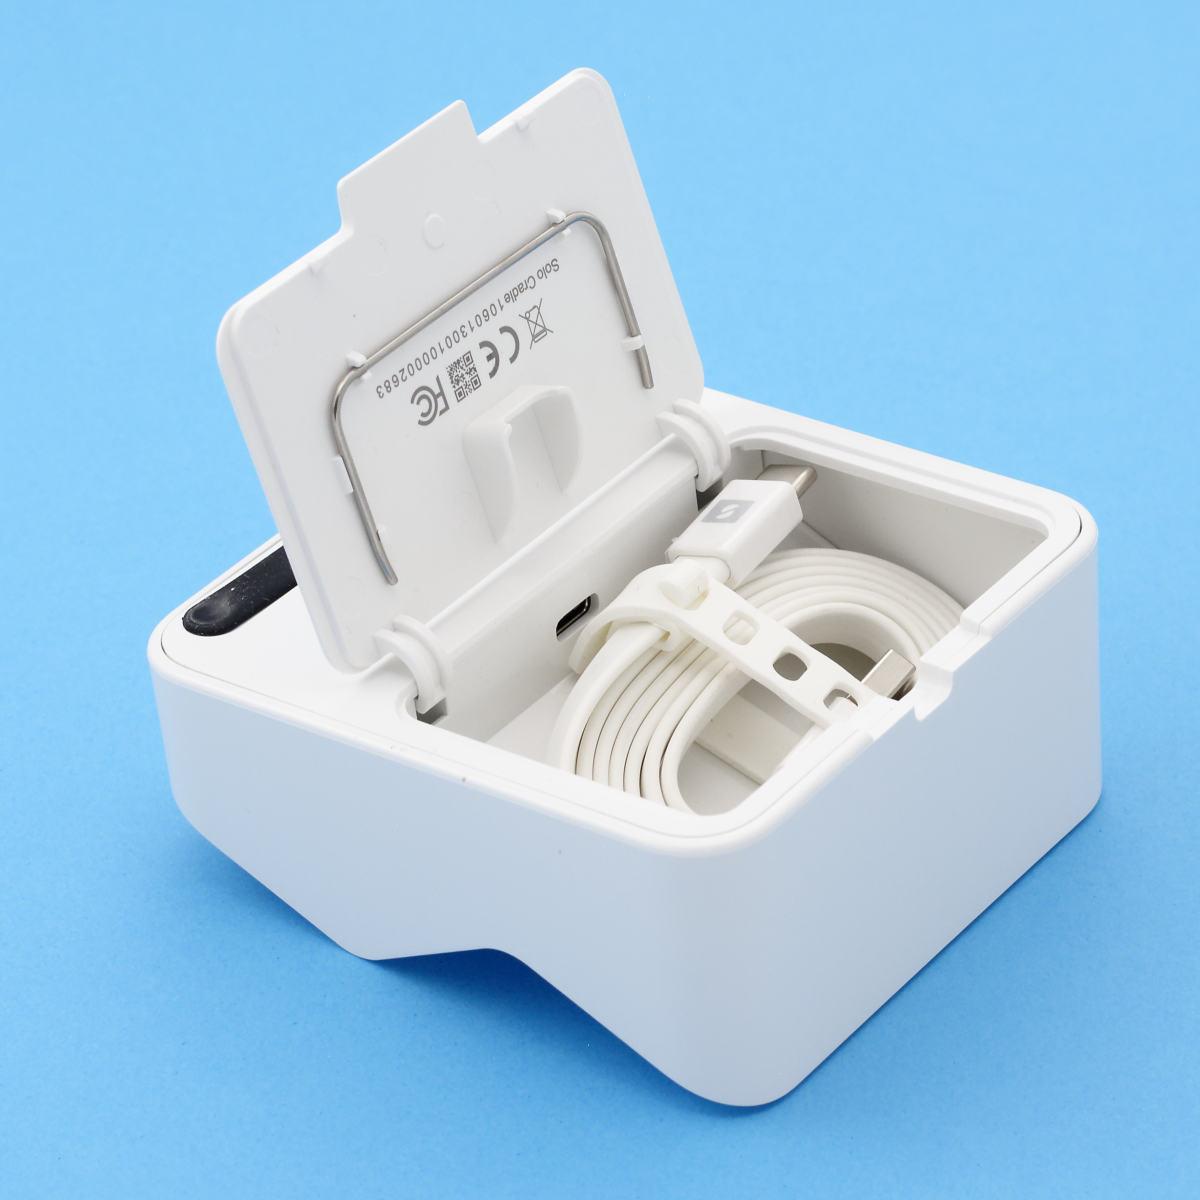 SumUp Solo : base et cable USB